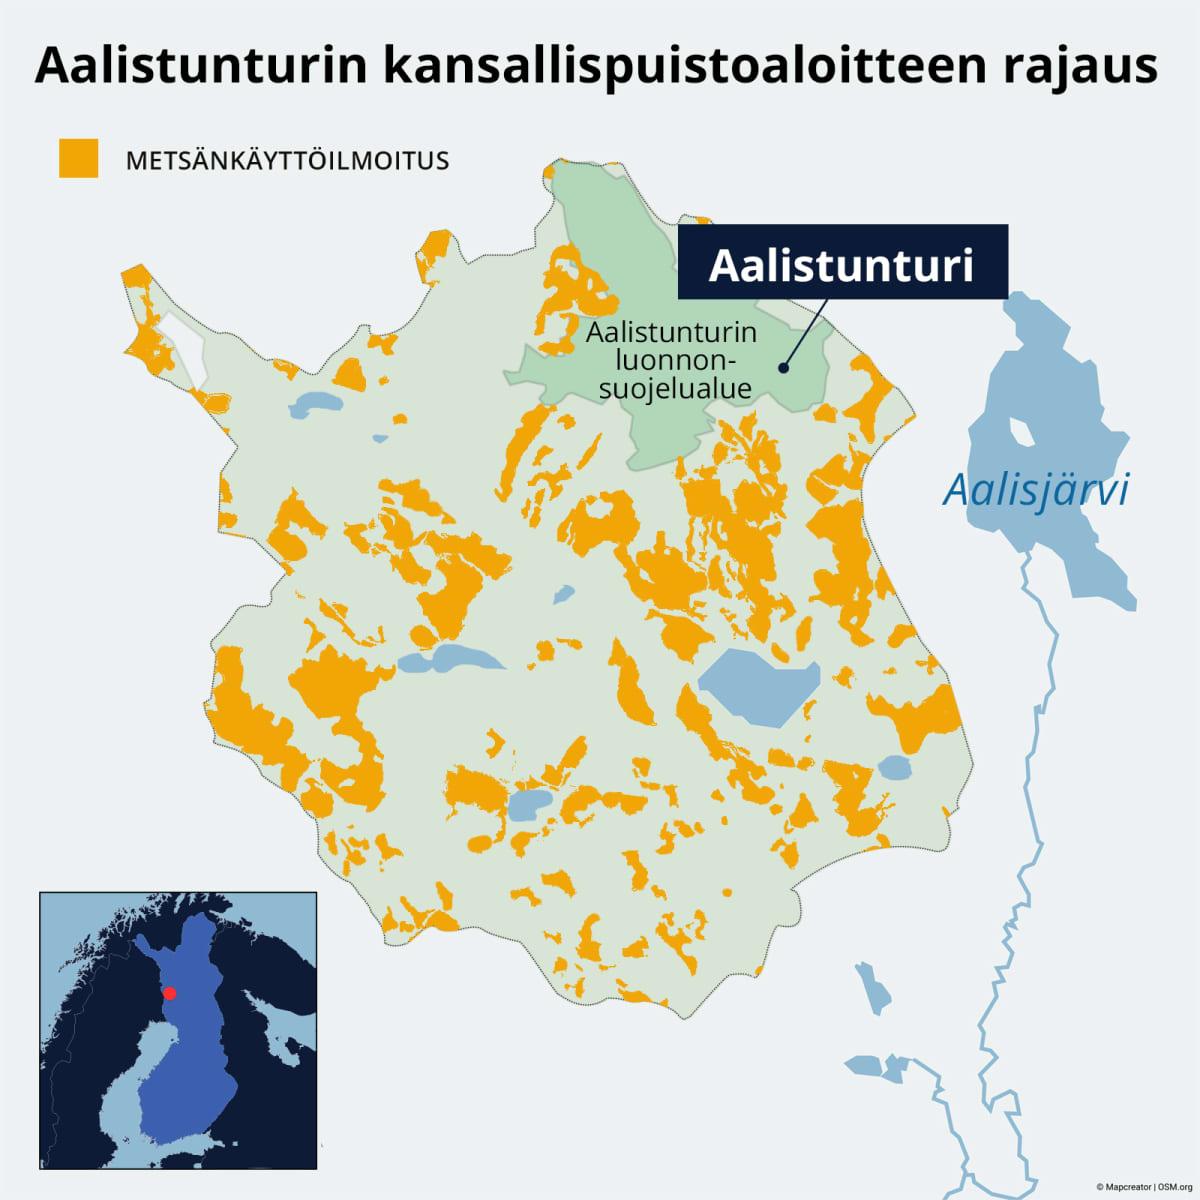 Aalistunturin kansallispuistoaloitteen rajaus ja metsänkäyttö.